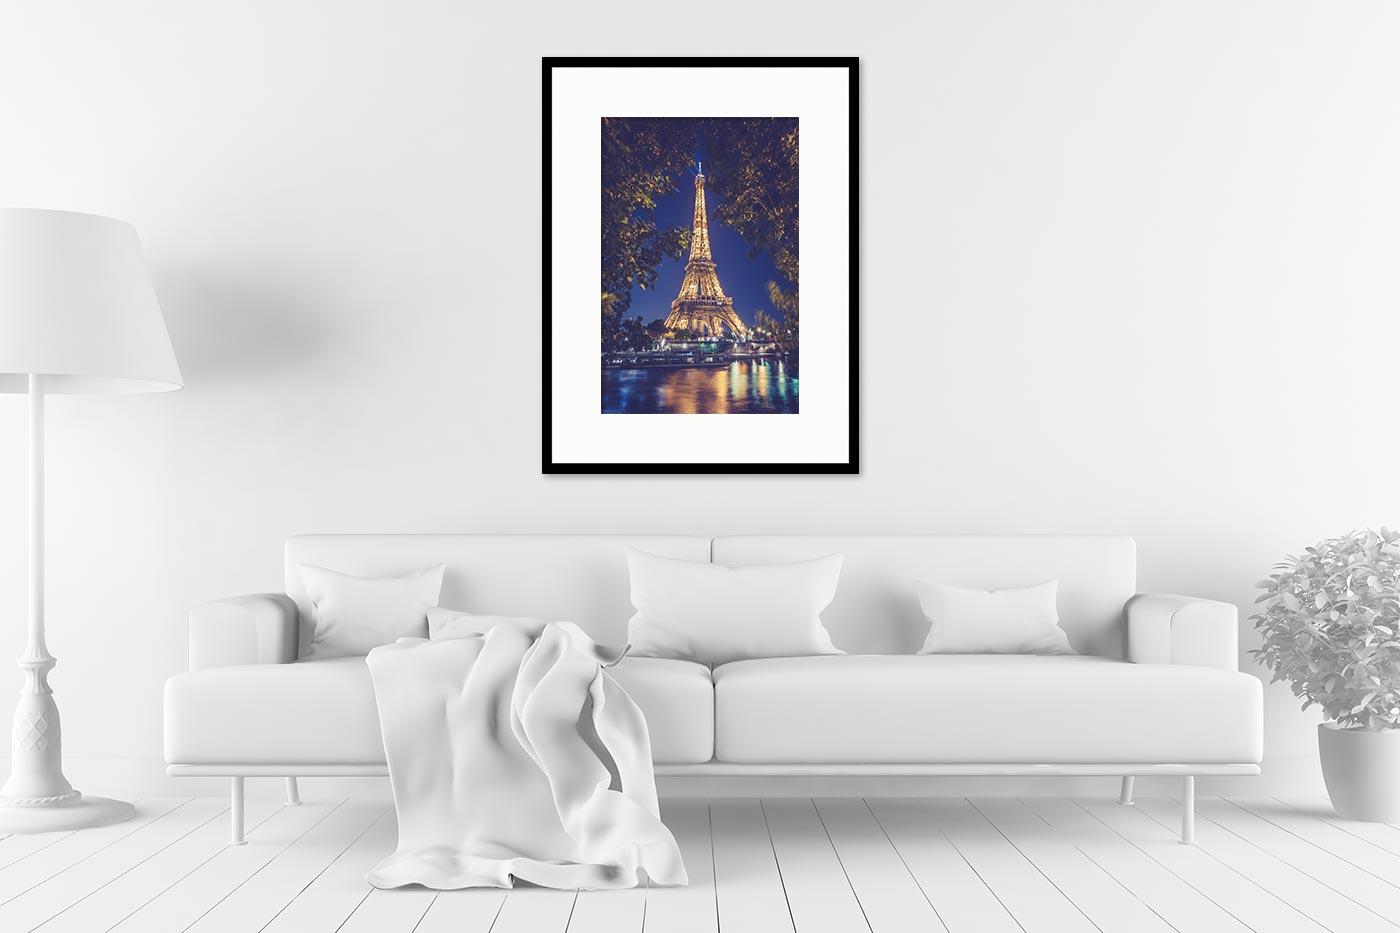 Cadre galerie 60x80 Paris 22H34